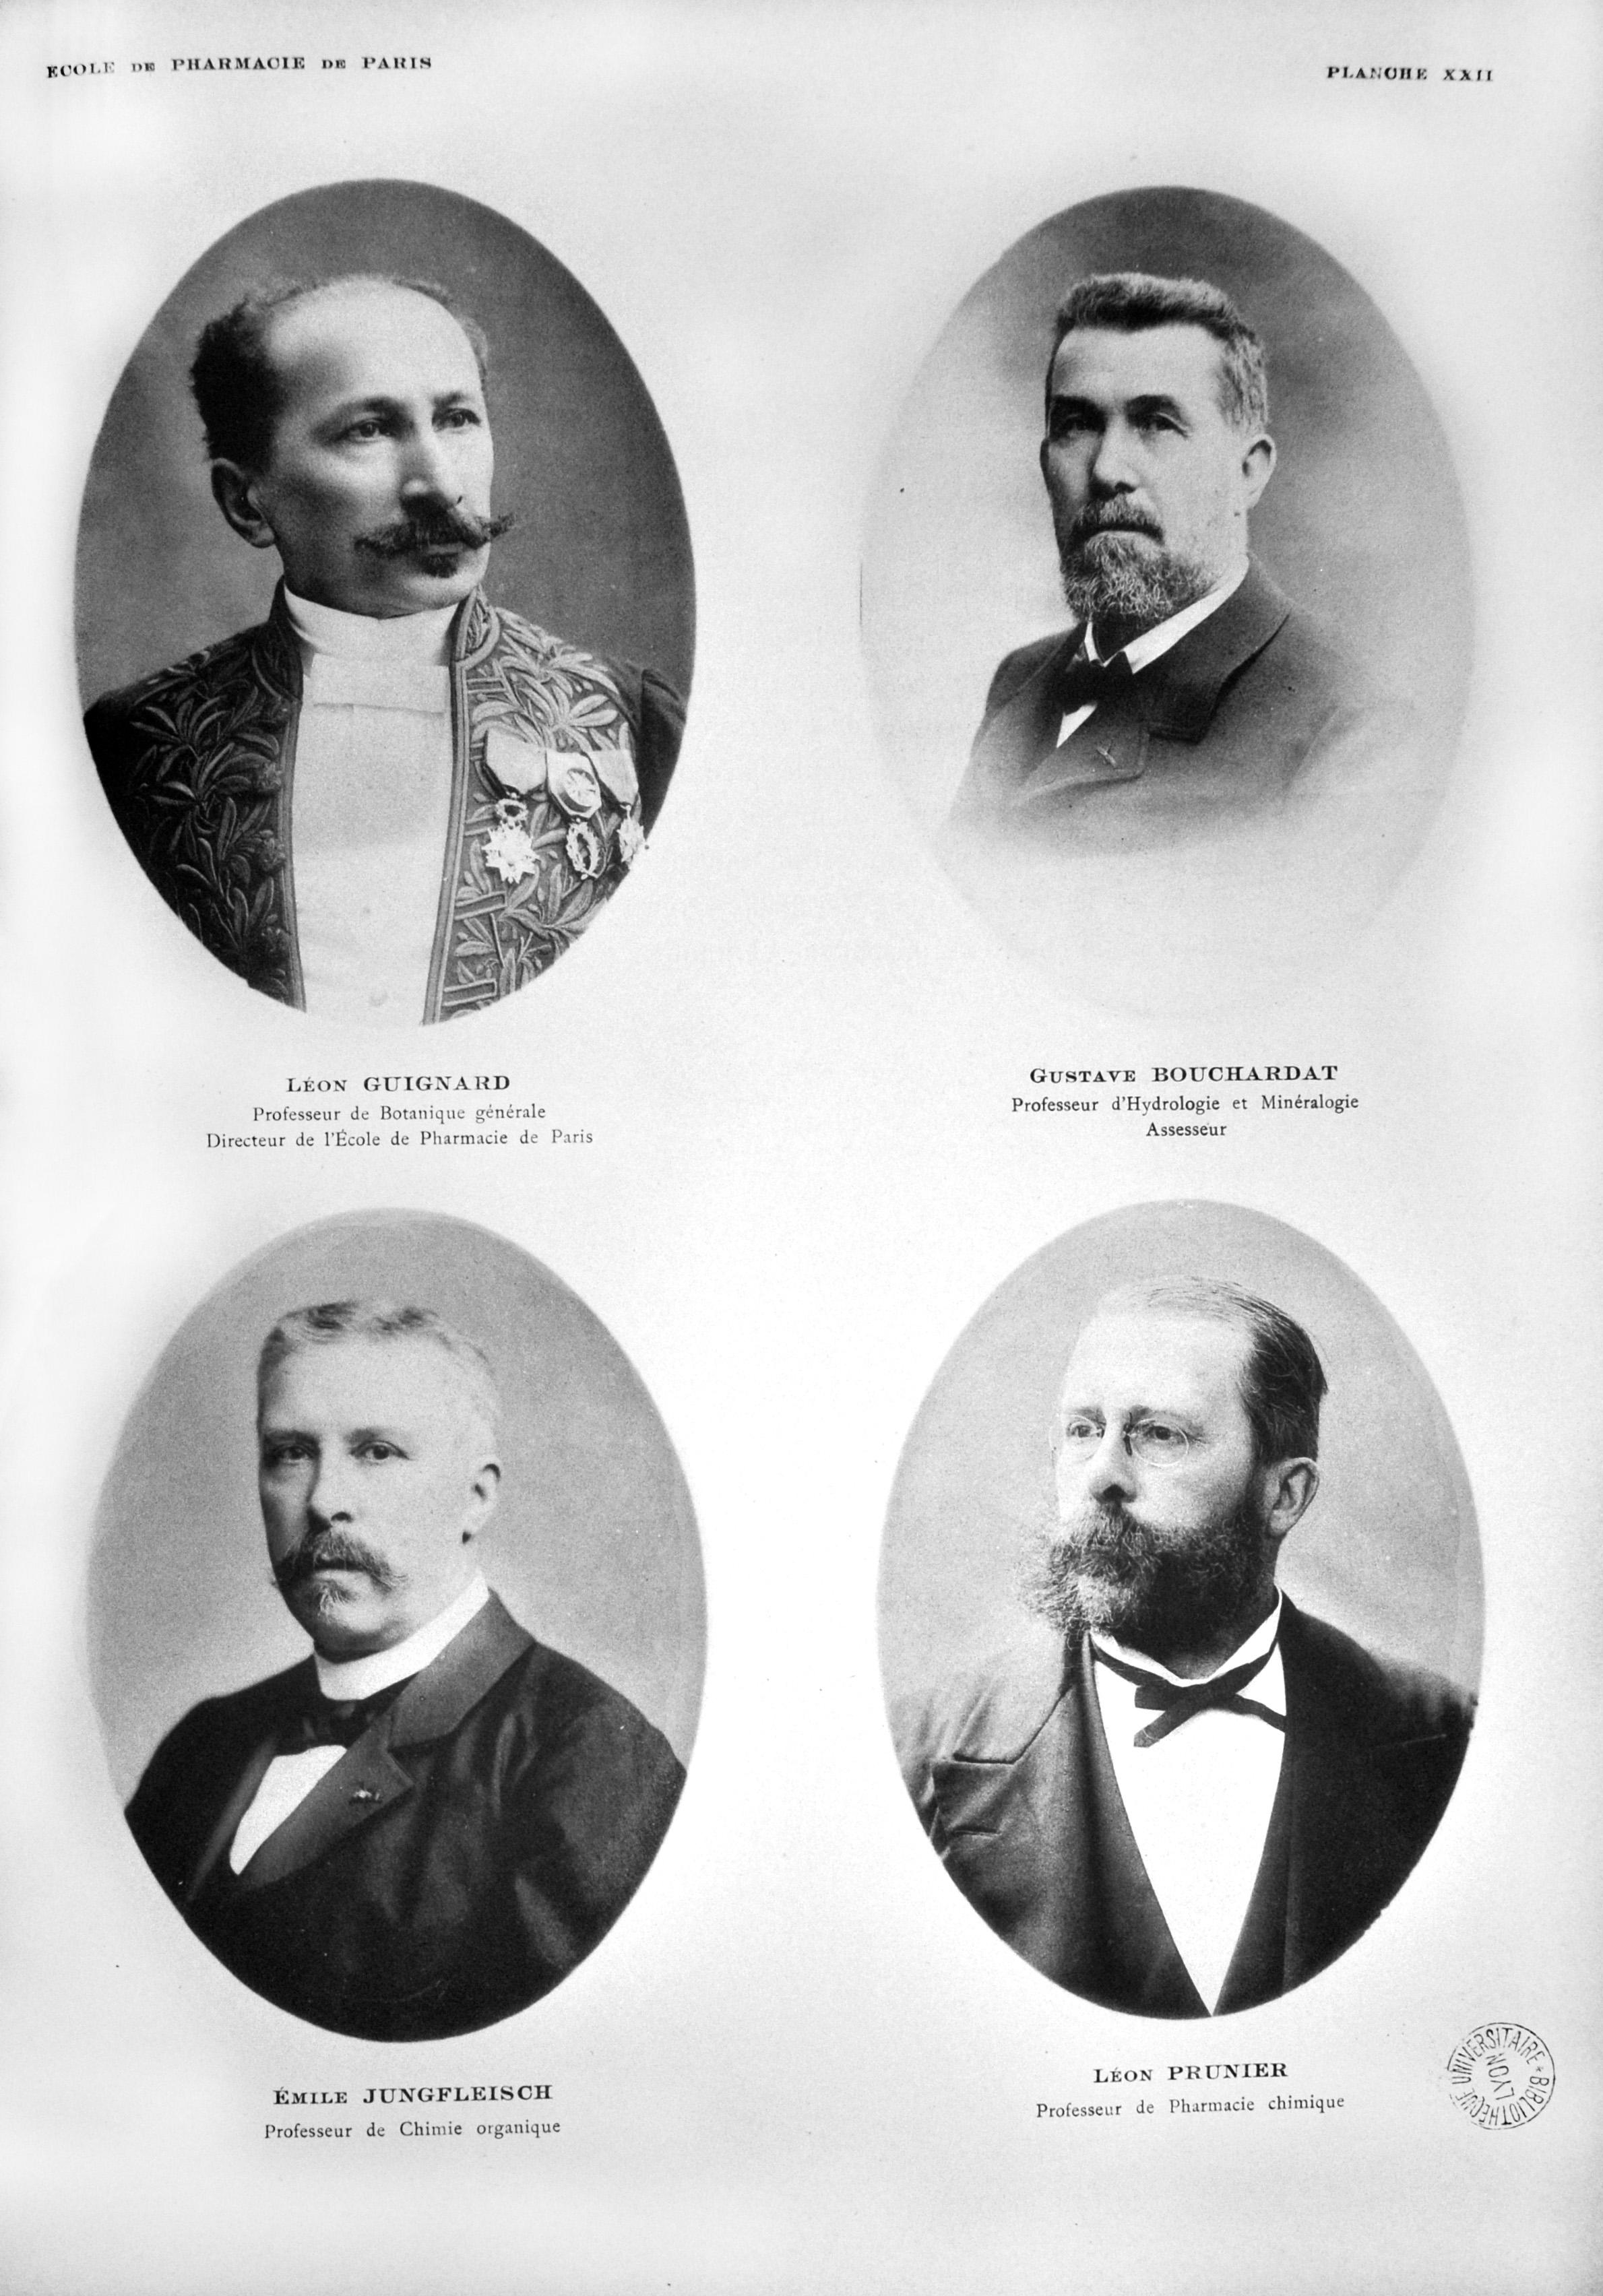 Pl XXII. Centenaire de l'École supérieure de pharmacie de l'Université de Paris, 1904. Cote 11542.